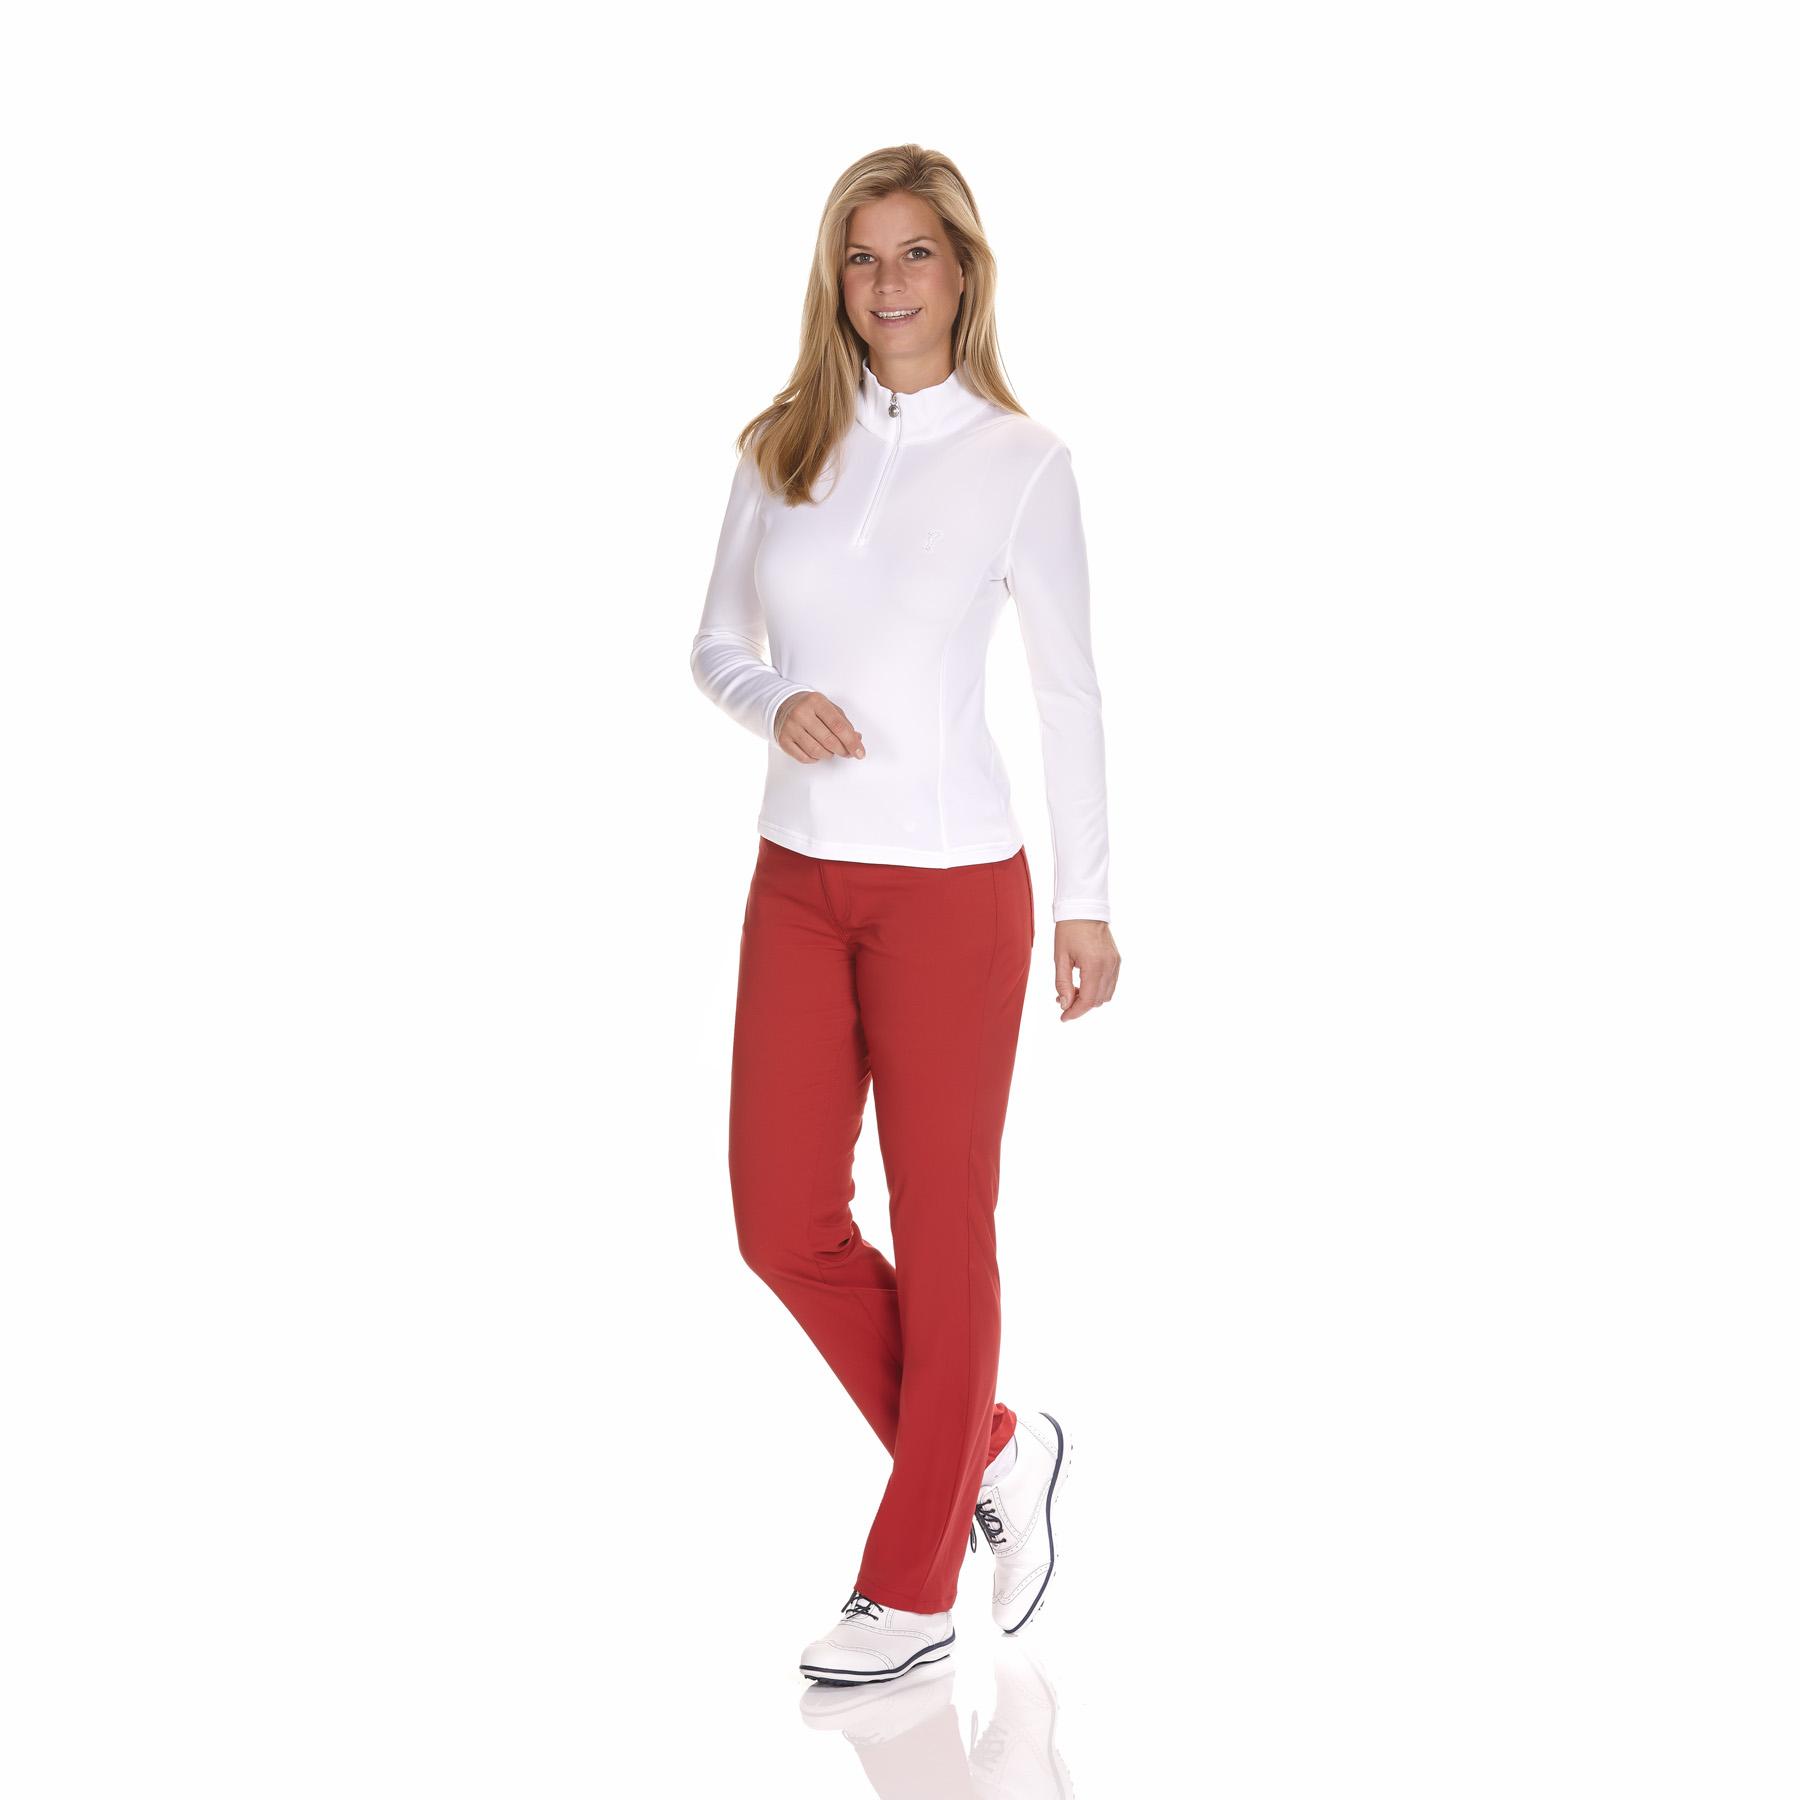 Weicher und hautfreundlicher Damen Golf Stretchunterzieher mit kurzem Zip